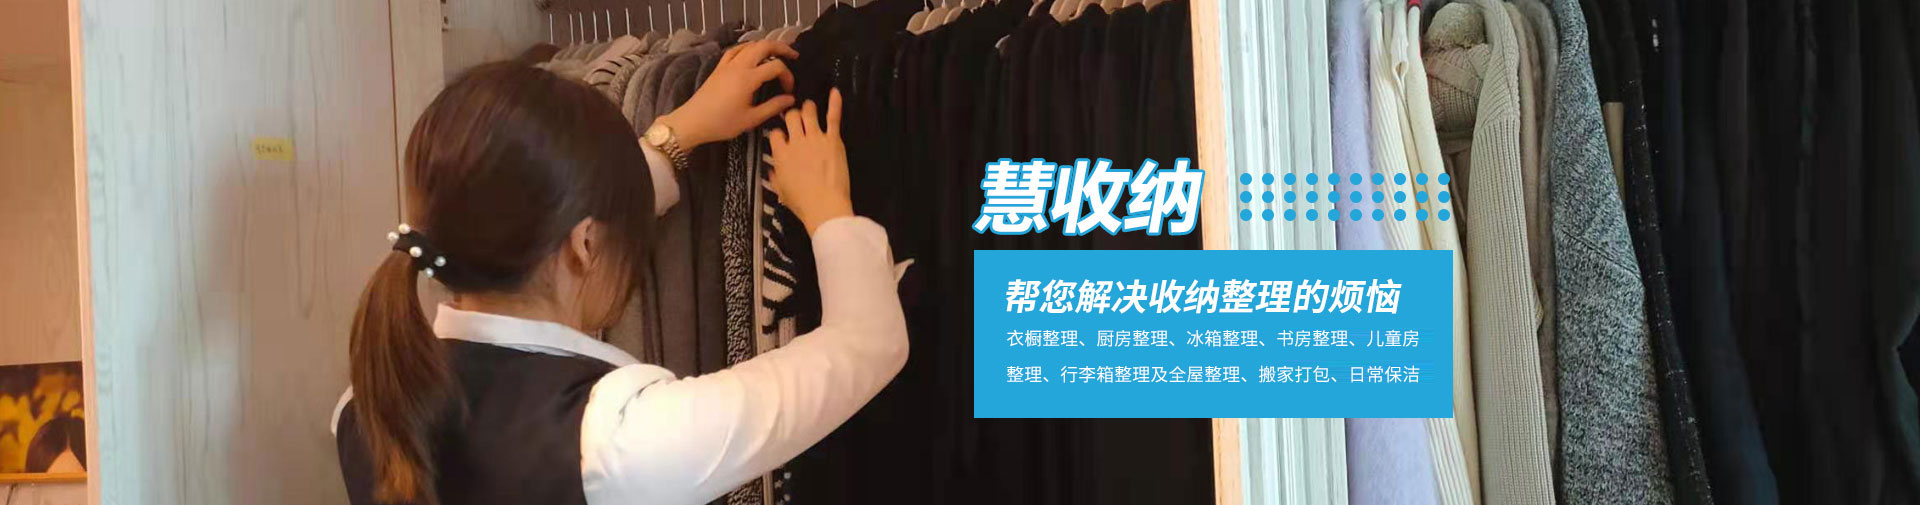 重庆衣橱整理